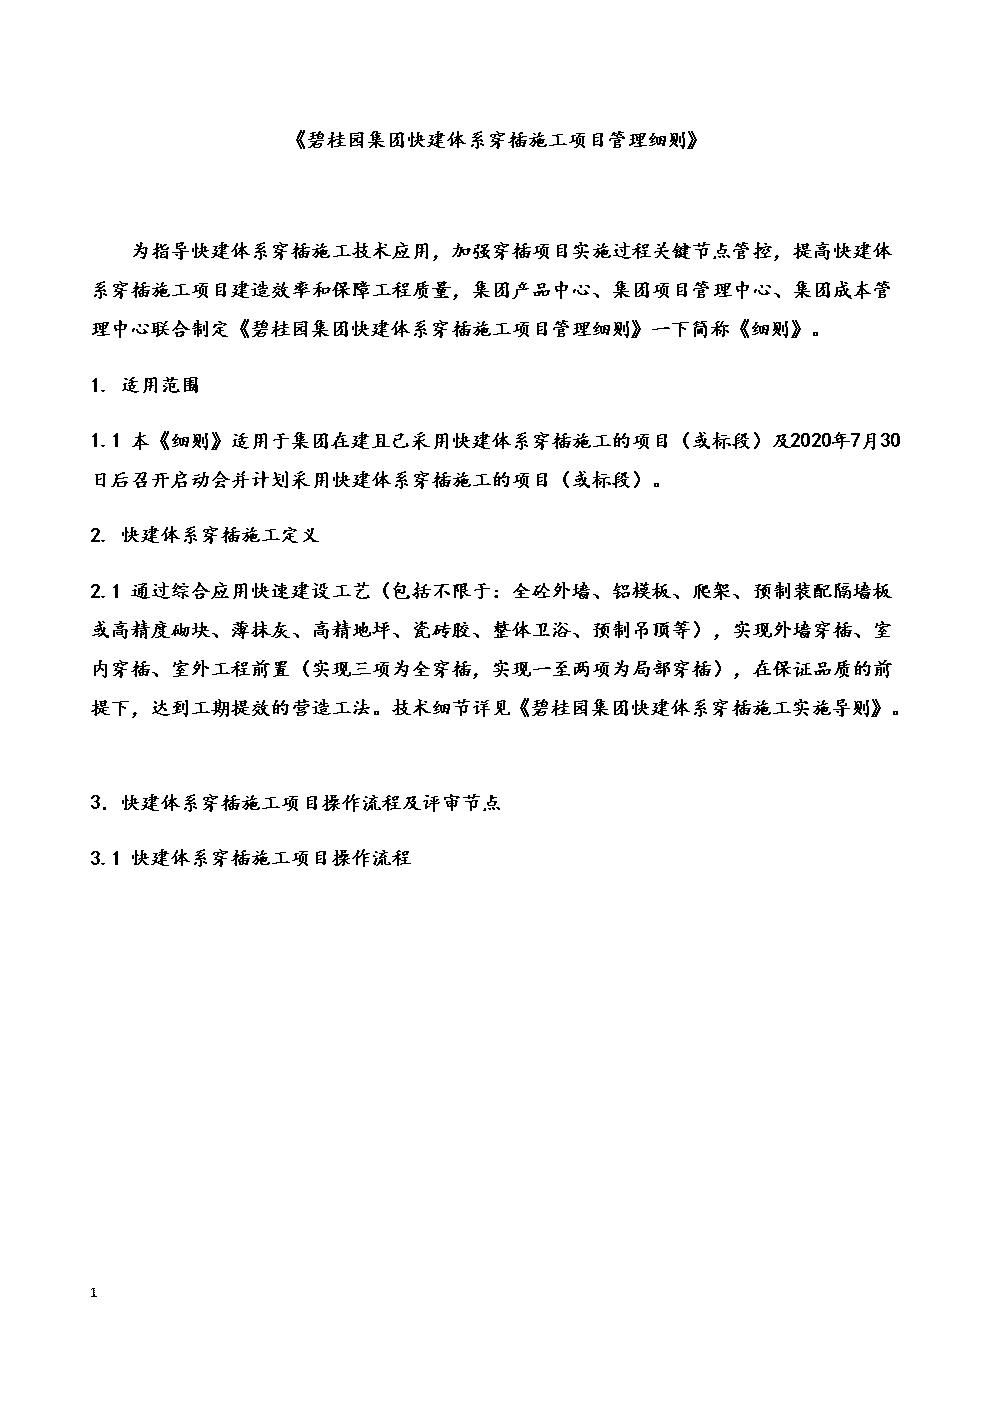 《碧桂园企业快建体系穿插施工项目管理细则》.docx